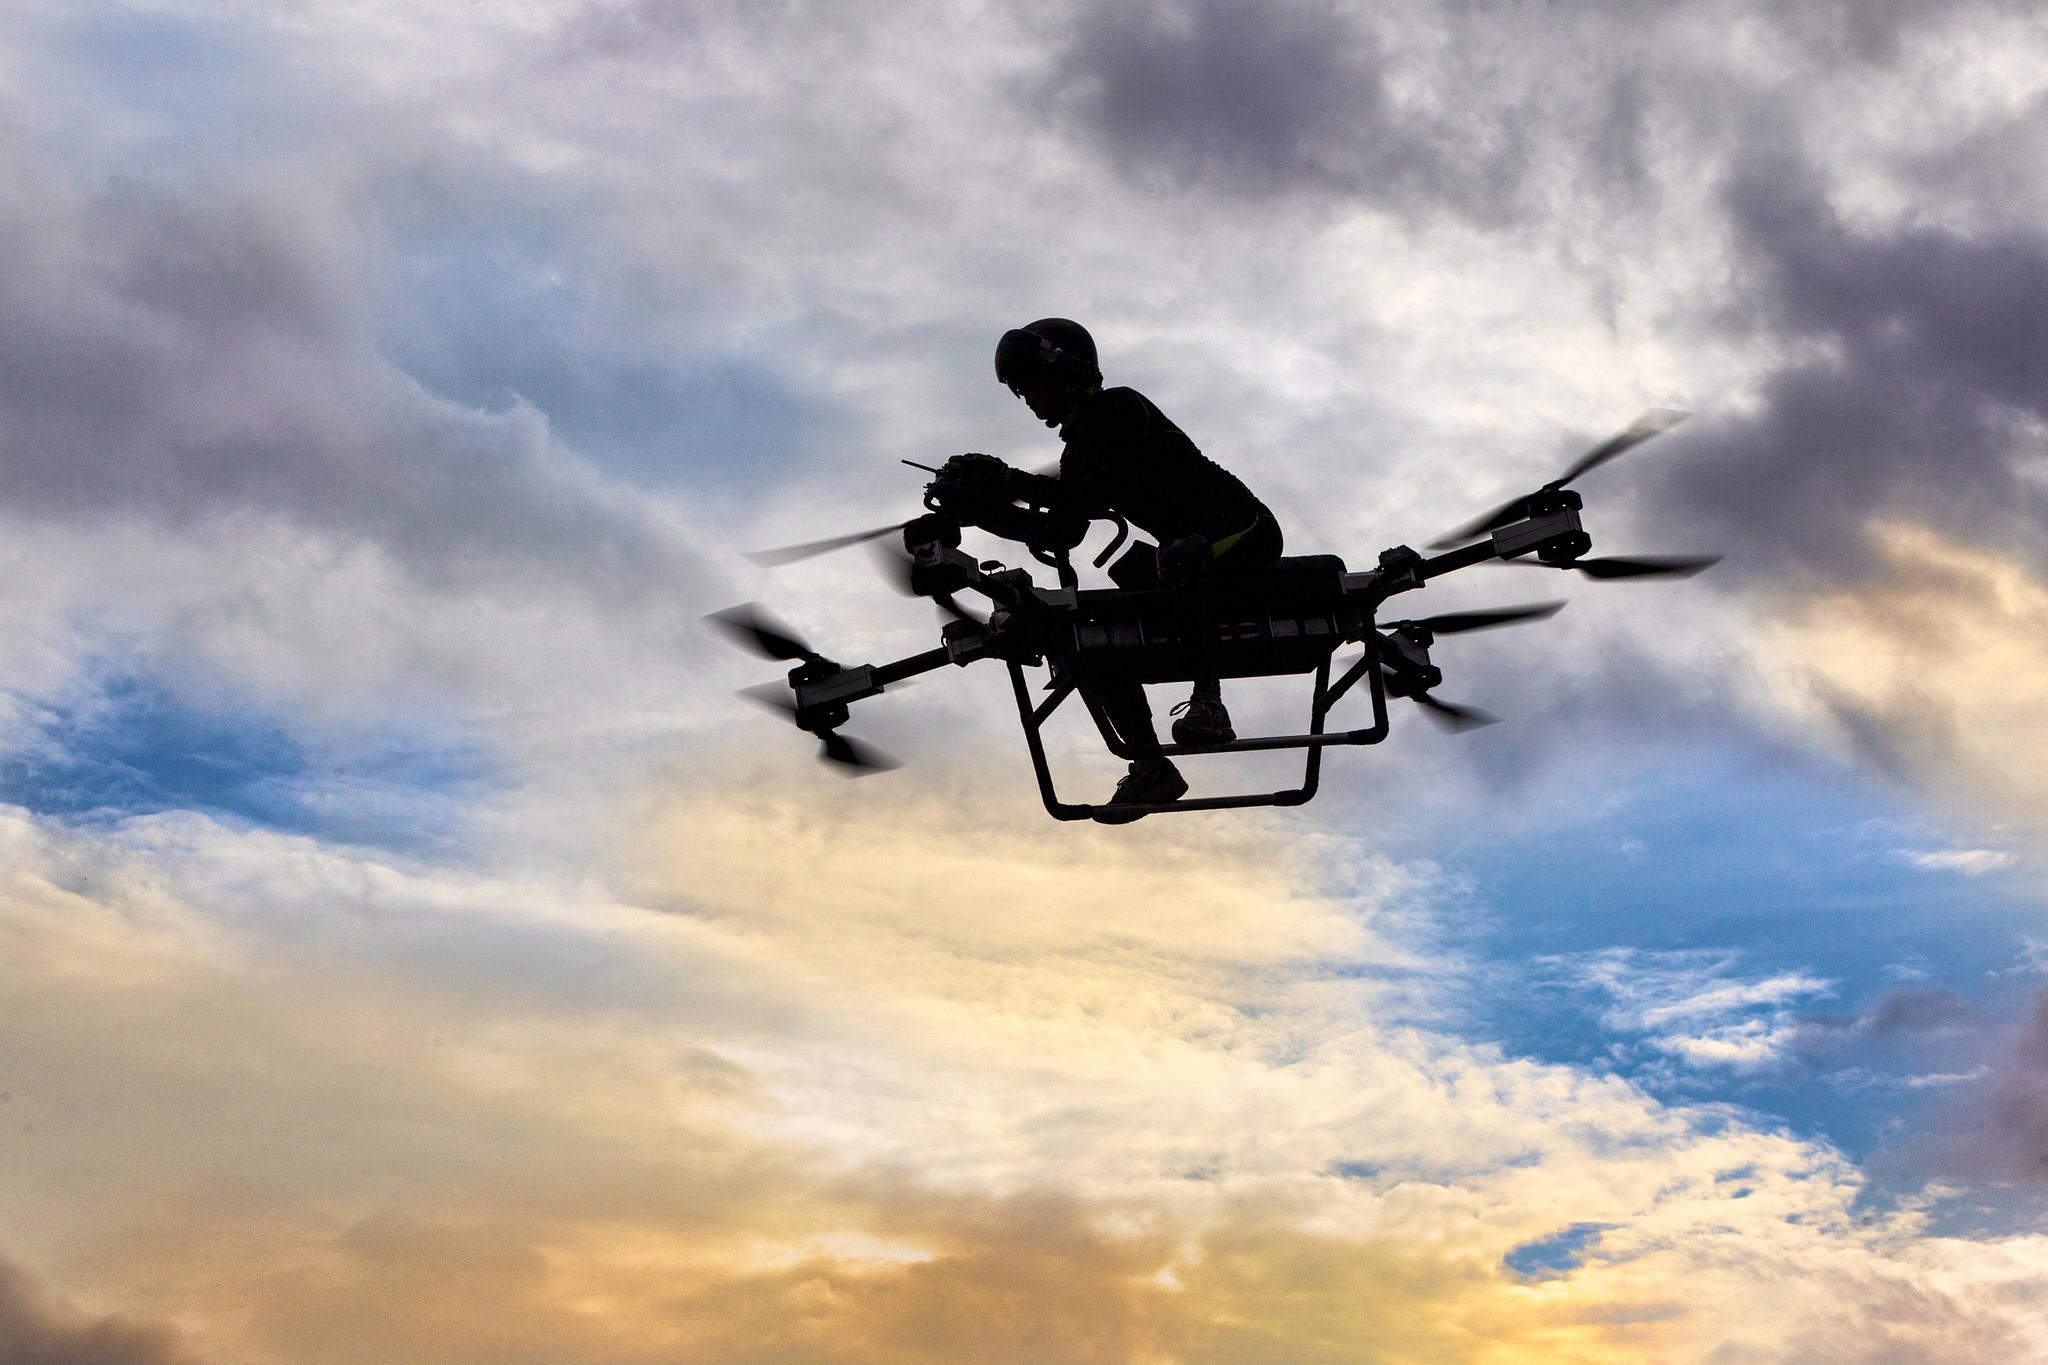 """중국 광둥성 둥관시에 거주하는 드론 기술자 자오 델리는 2년 전 비행 오토바이 개발에 착수해 시험비행에 성공했다. 비행 오토바이는 시속 70 ㎞로 최대 30분간 하늘을 날 수 있다. 비행 고도는 15m다. 가격은 5500~7200 달러 (약 621만원~813 만원)에 이를 것으로 보인다. 자오는 '비행 오토바이는 농약 살포나 군사용 목적으로 활용될 것"""" 이라고 말했다. [EPA=연합뉴스]"""